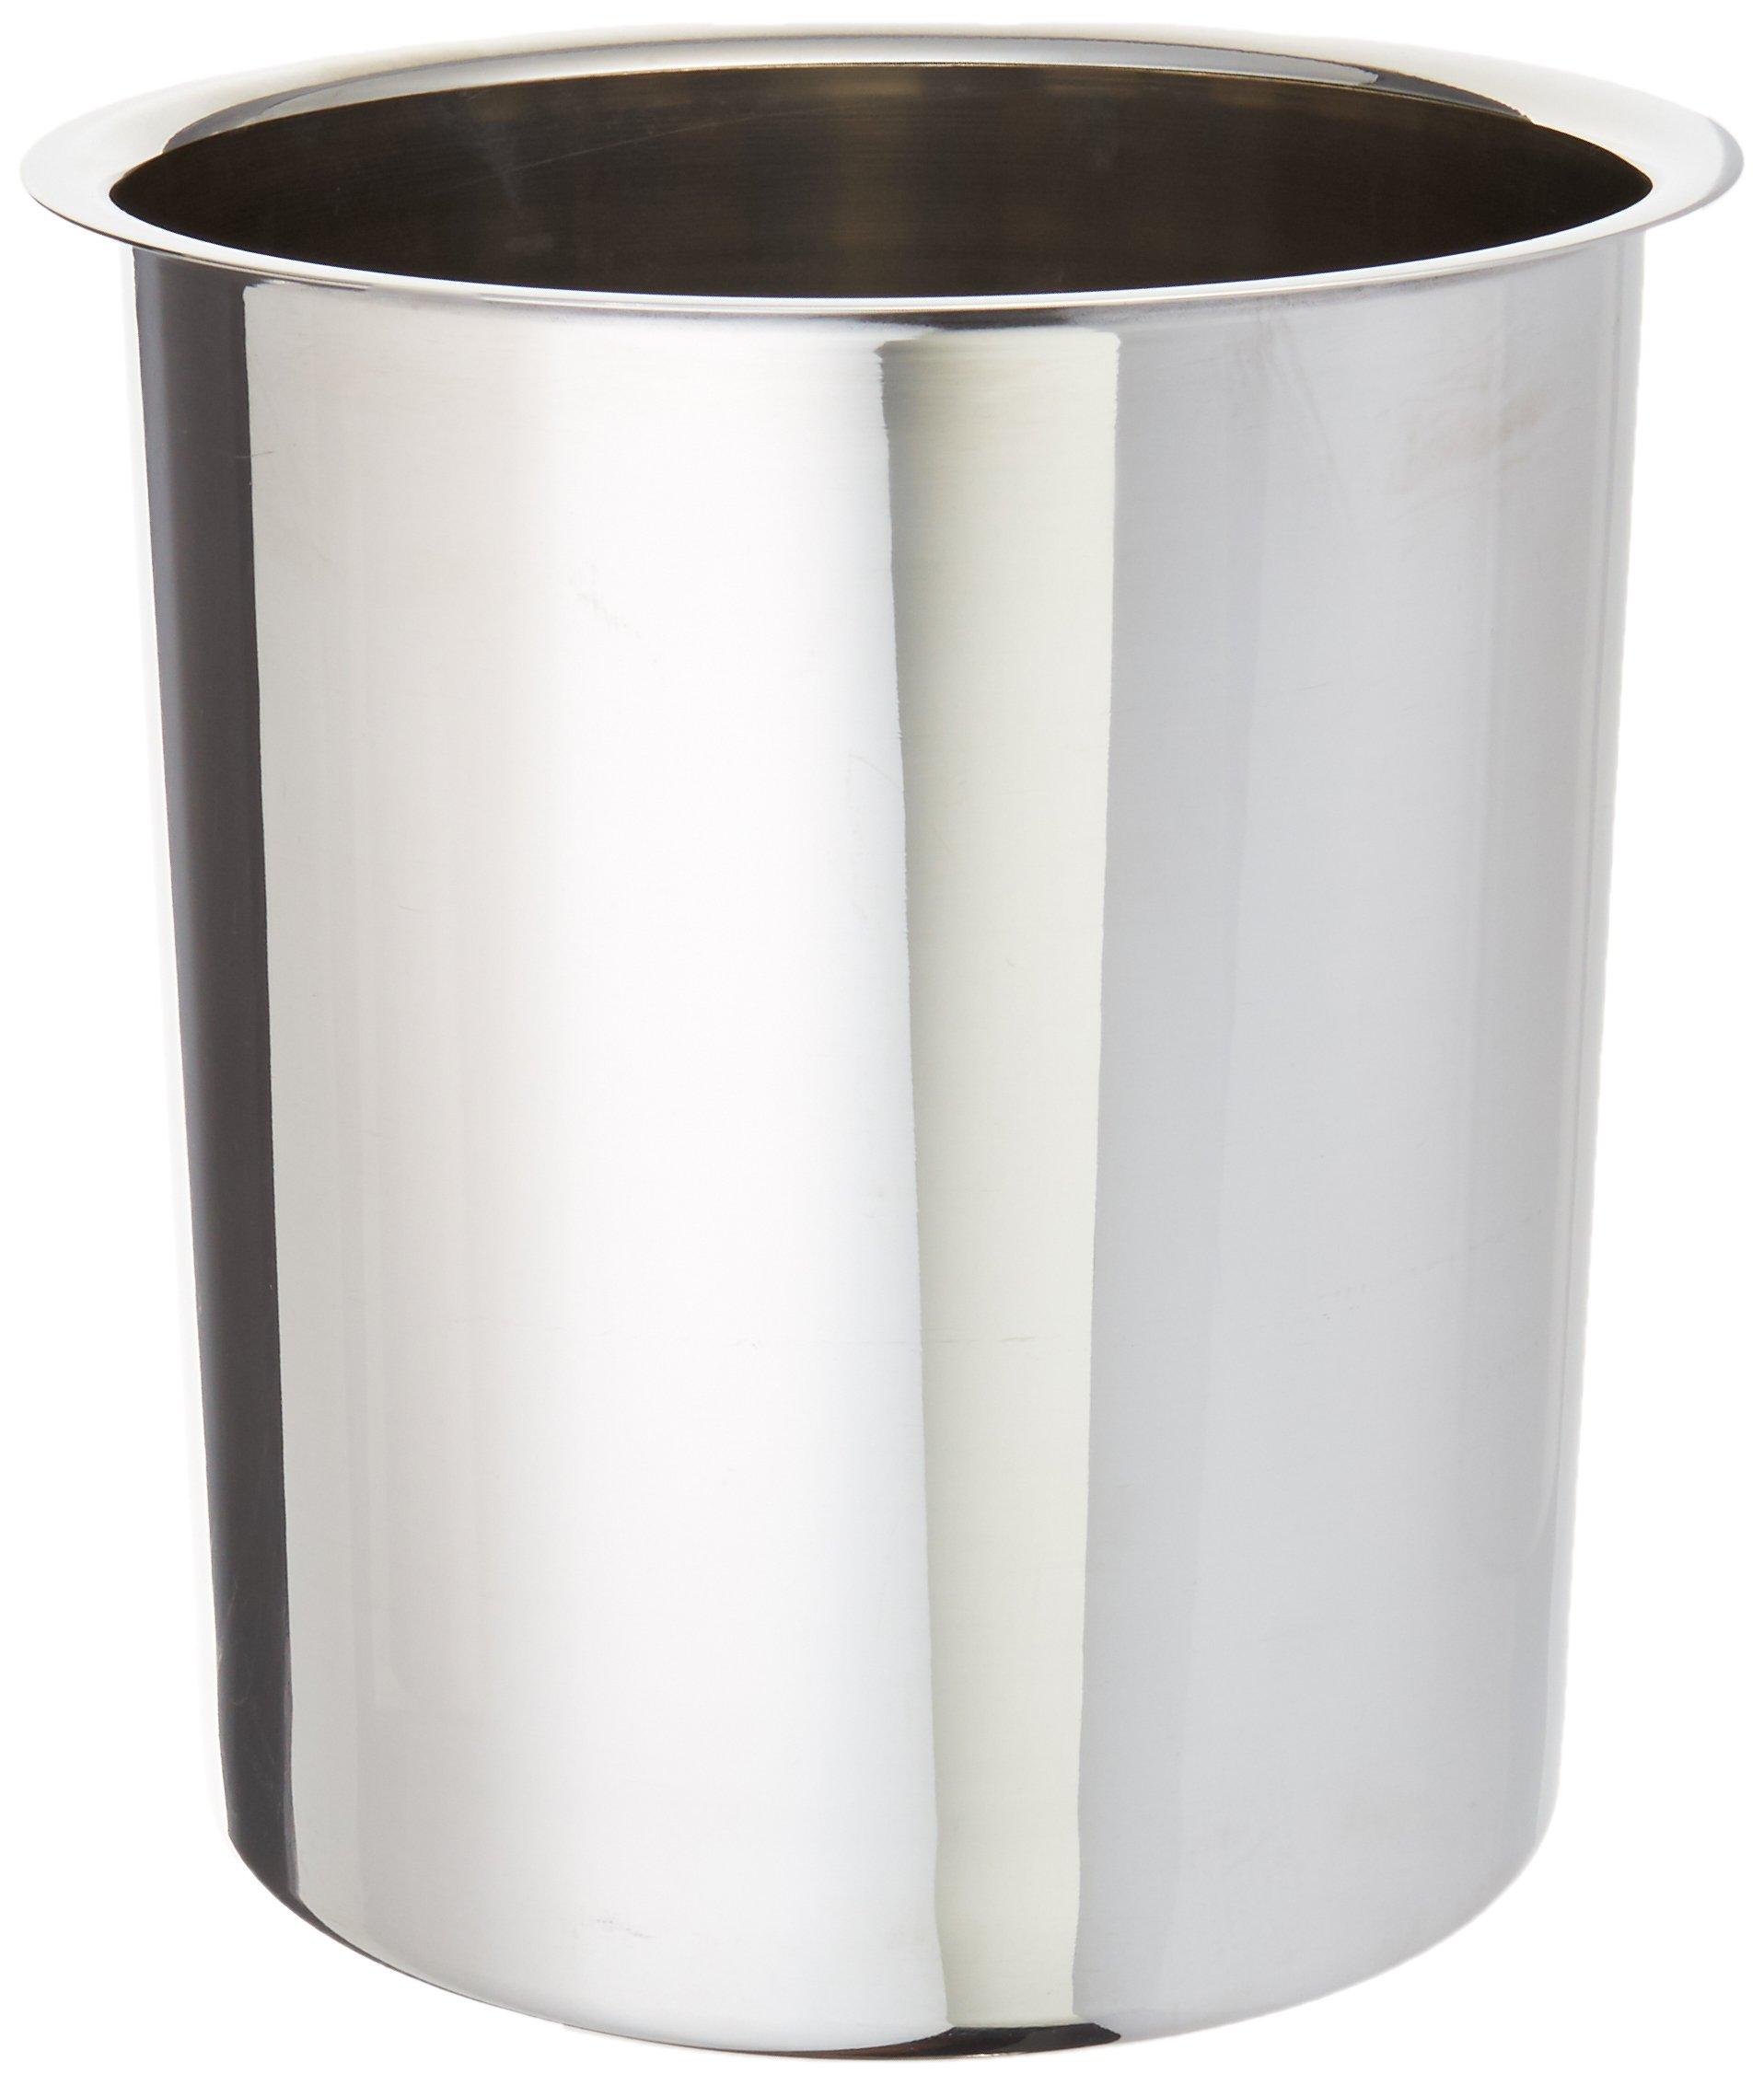 Winco BAM-4.25 Bain Maries, 4.25-Quart